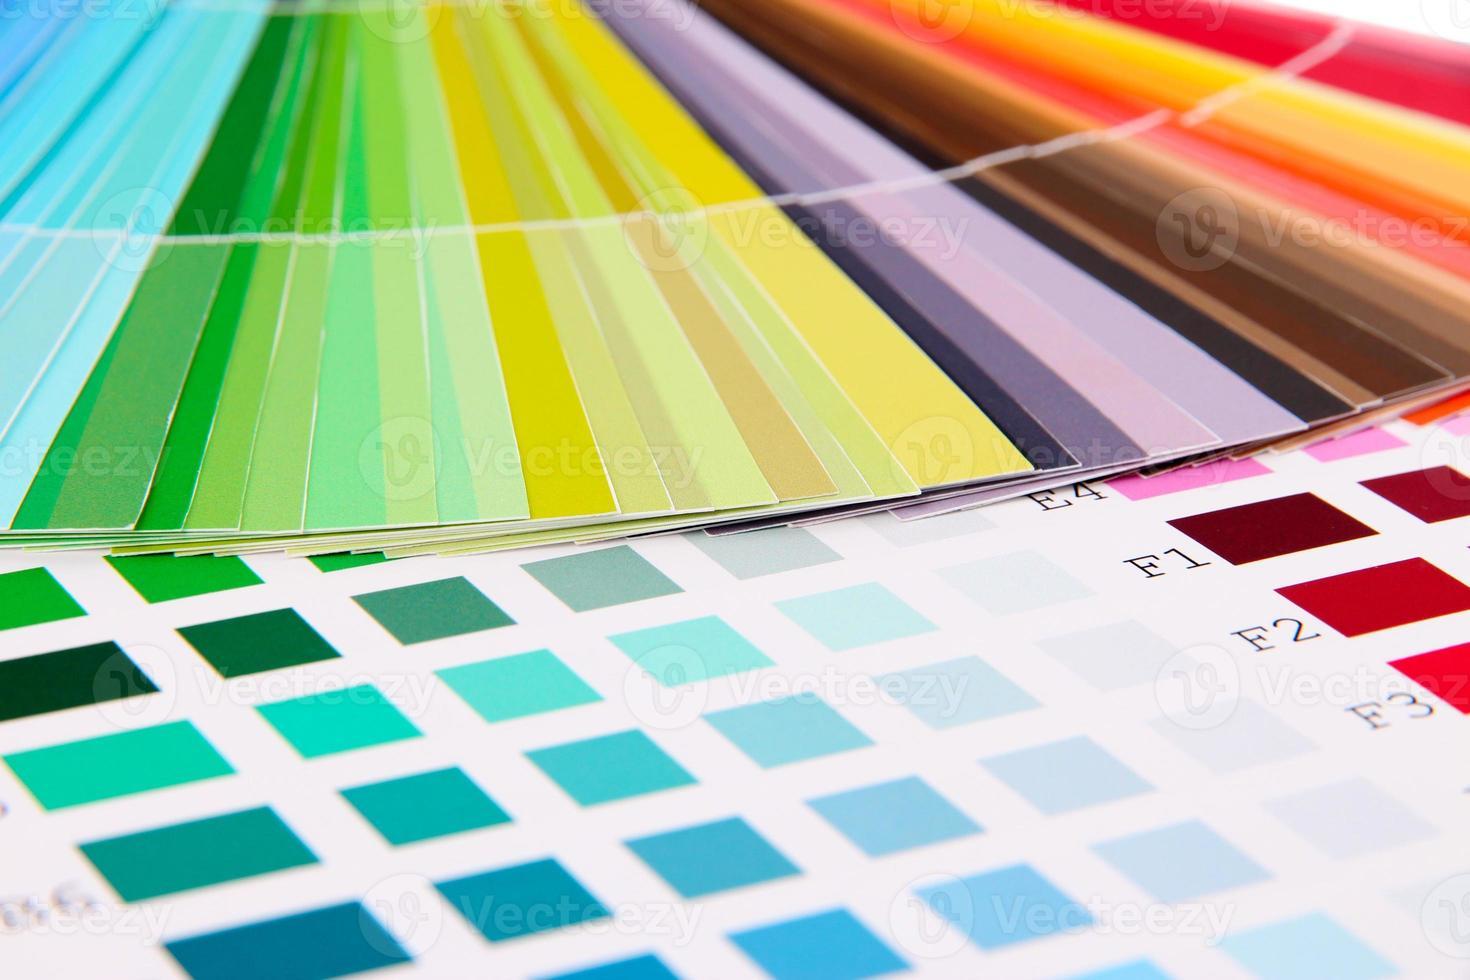 campioni di colore da vicino foto